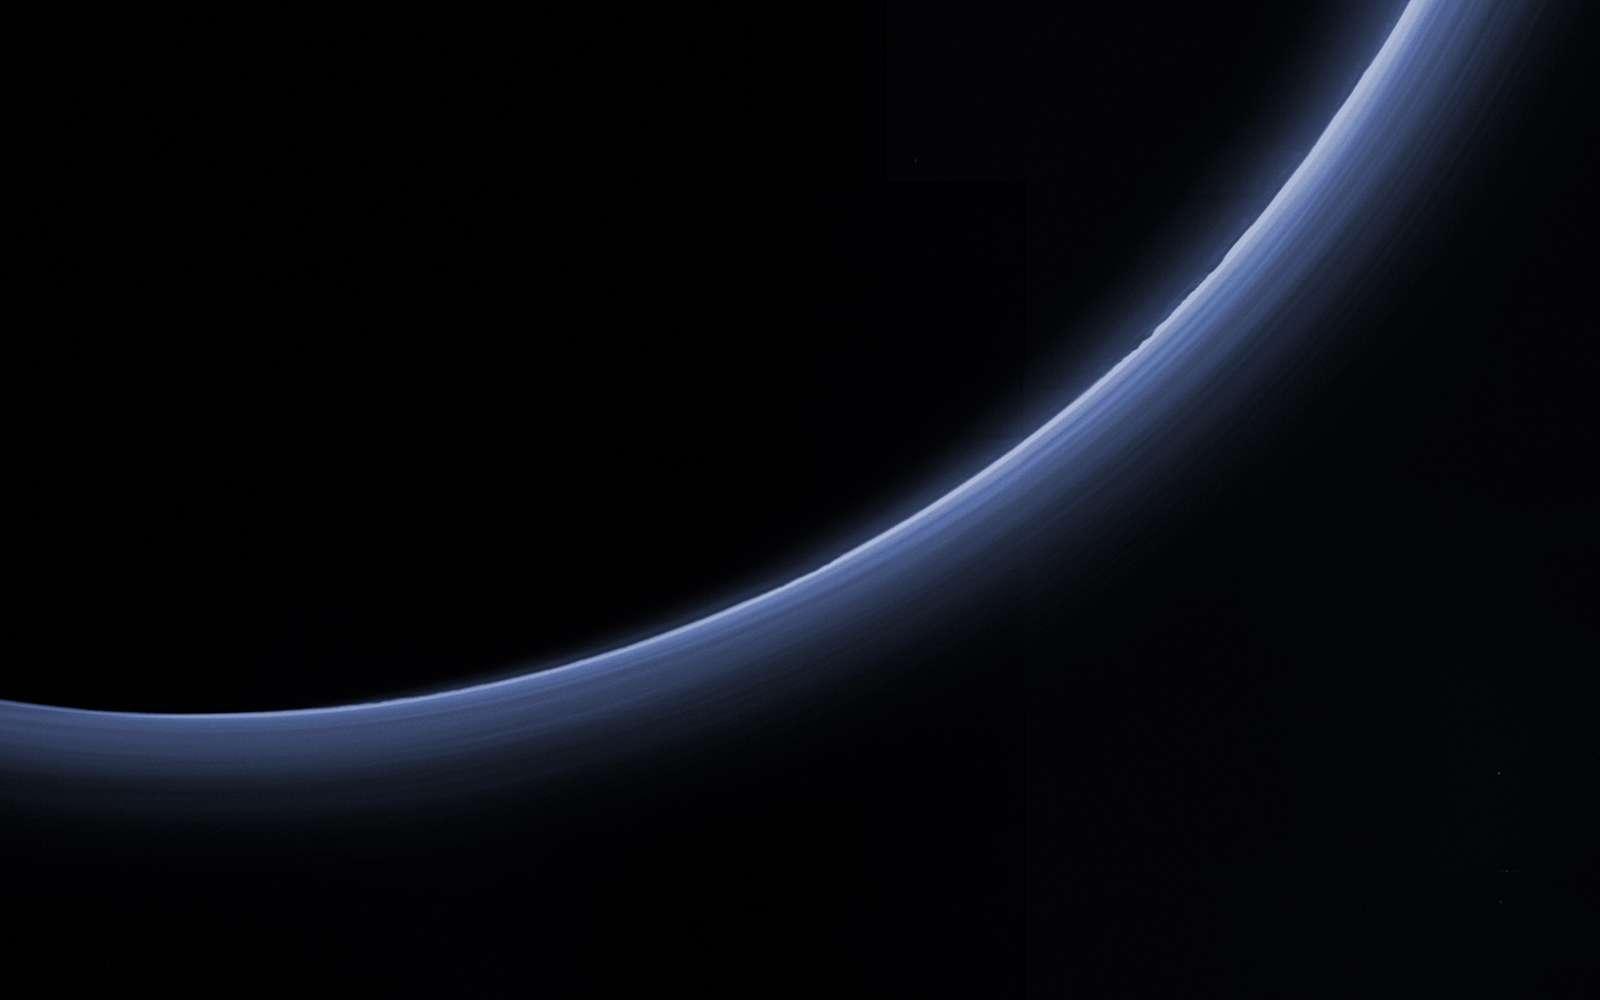 Les couches de brume s'empilent jusqu'à 200 km d'altitude dans l'atmosphère bleutée de Pluton. © Nasa, JHUAPL, SwRI